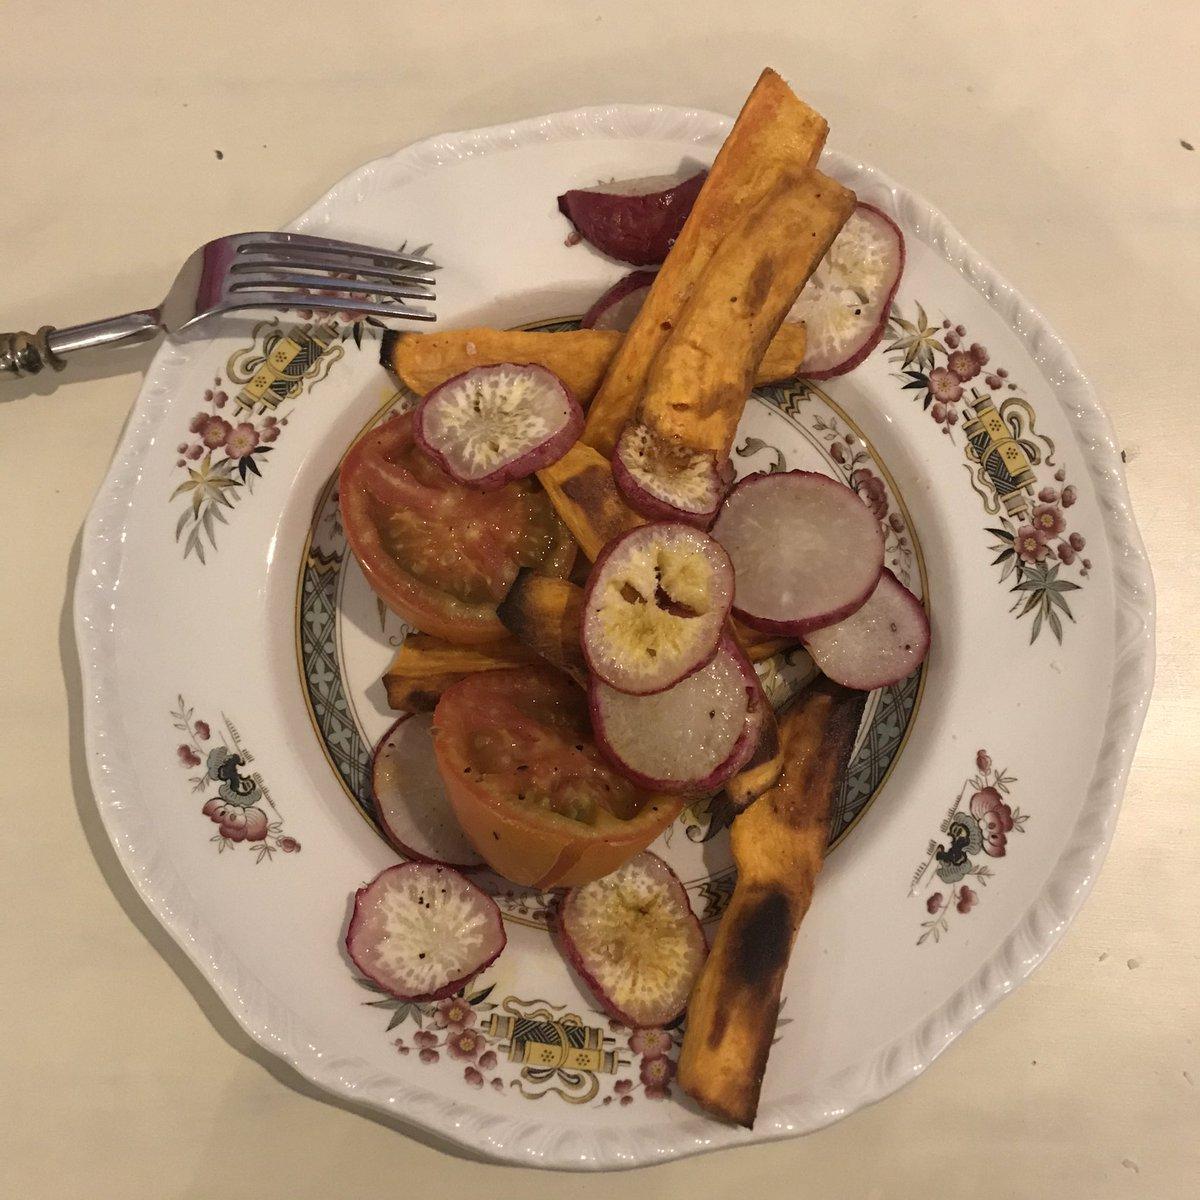 Ni para mis comidas de thanksgiving había encontrado sweet potatoes en Bogotá. Casi lloro cuando me llegó este mercado. Pidan sus frutas y verduras en Frubana. pic.twitter.com/IOgPIMSJor